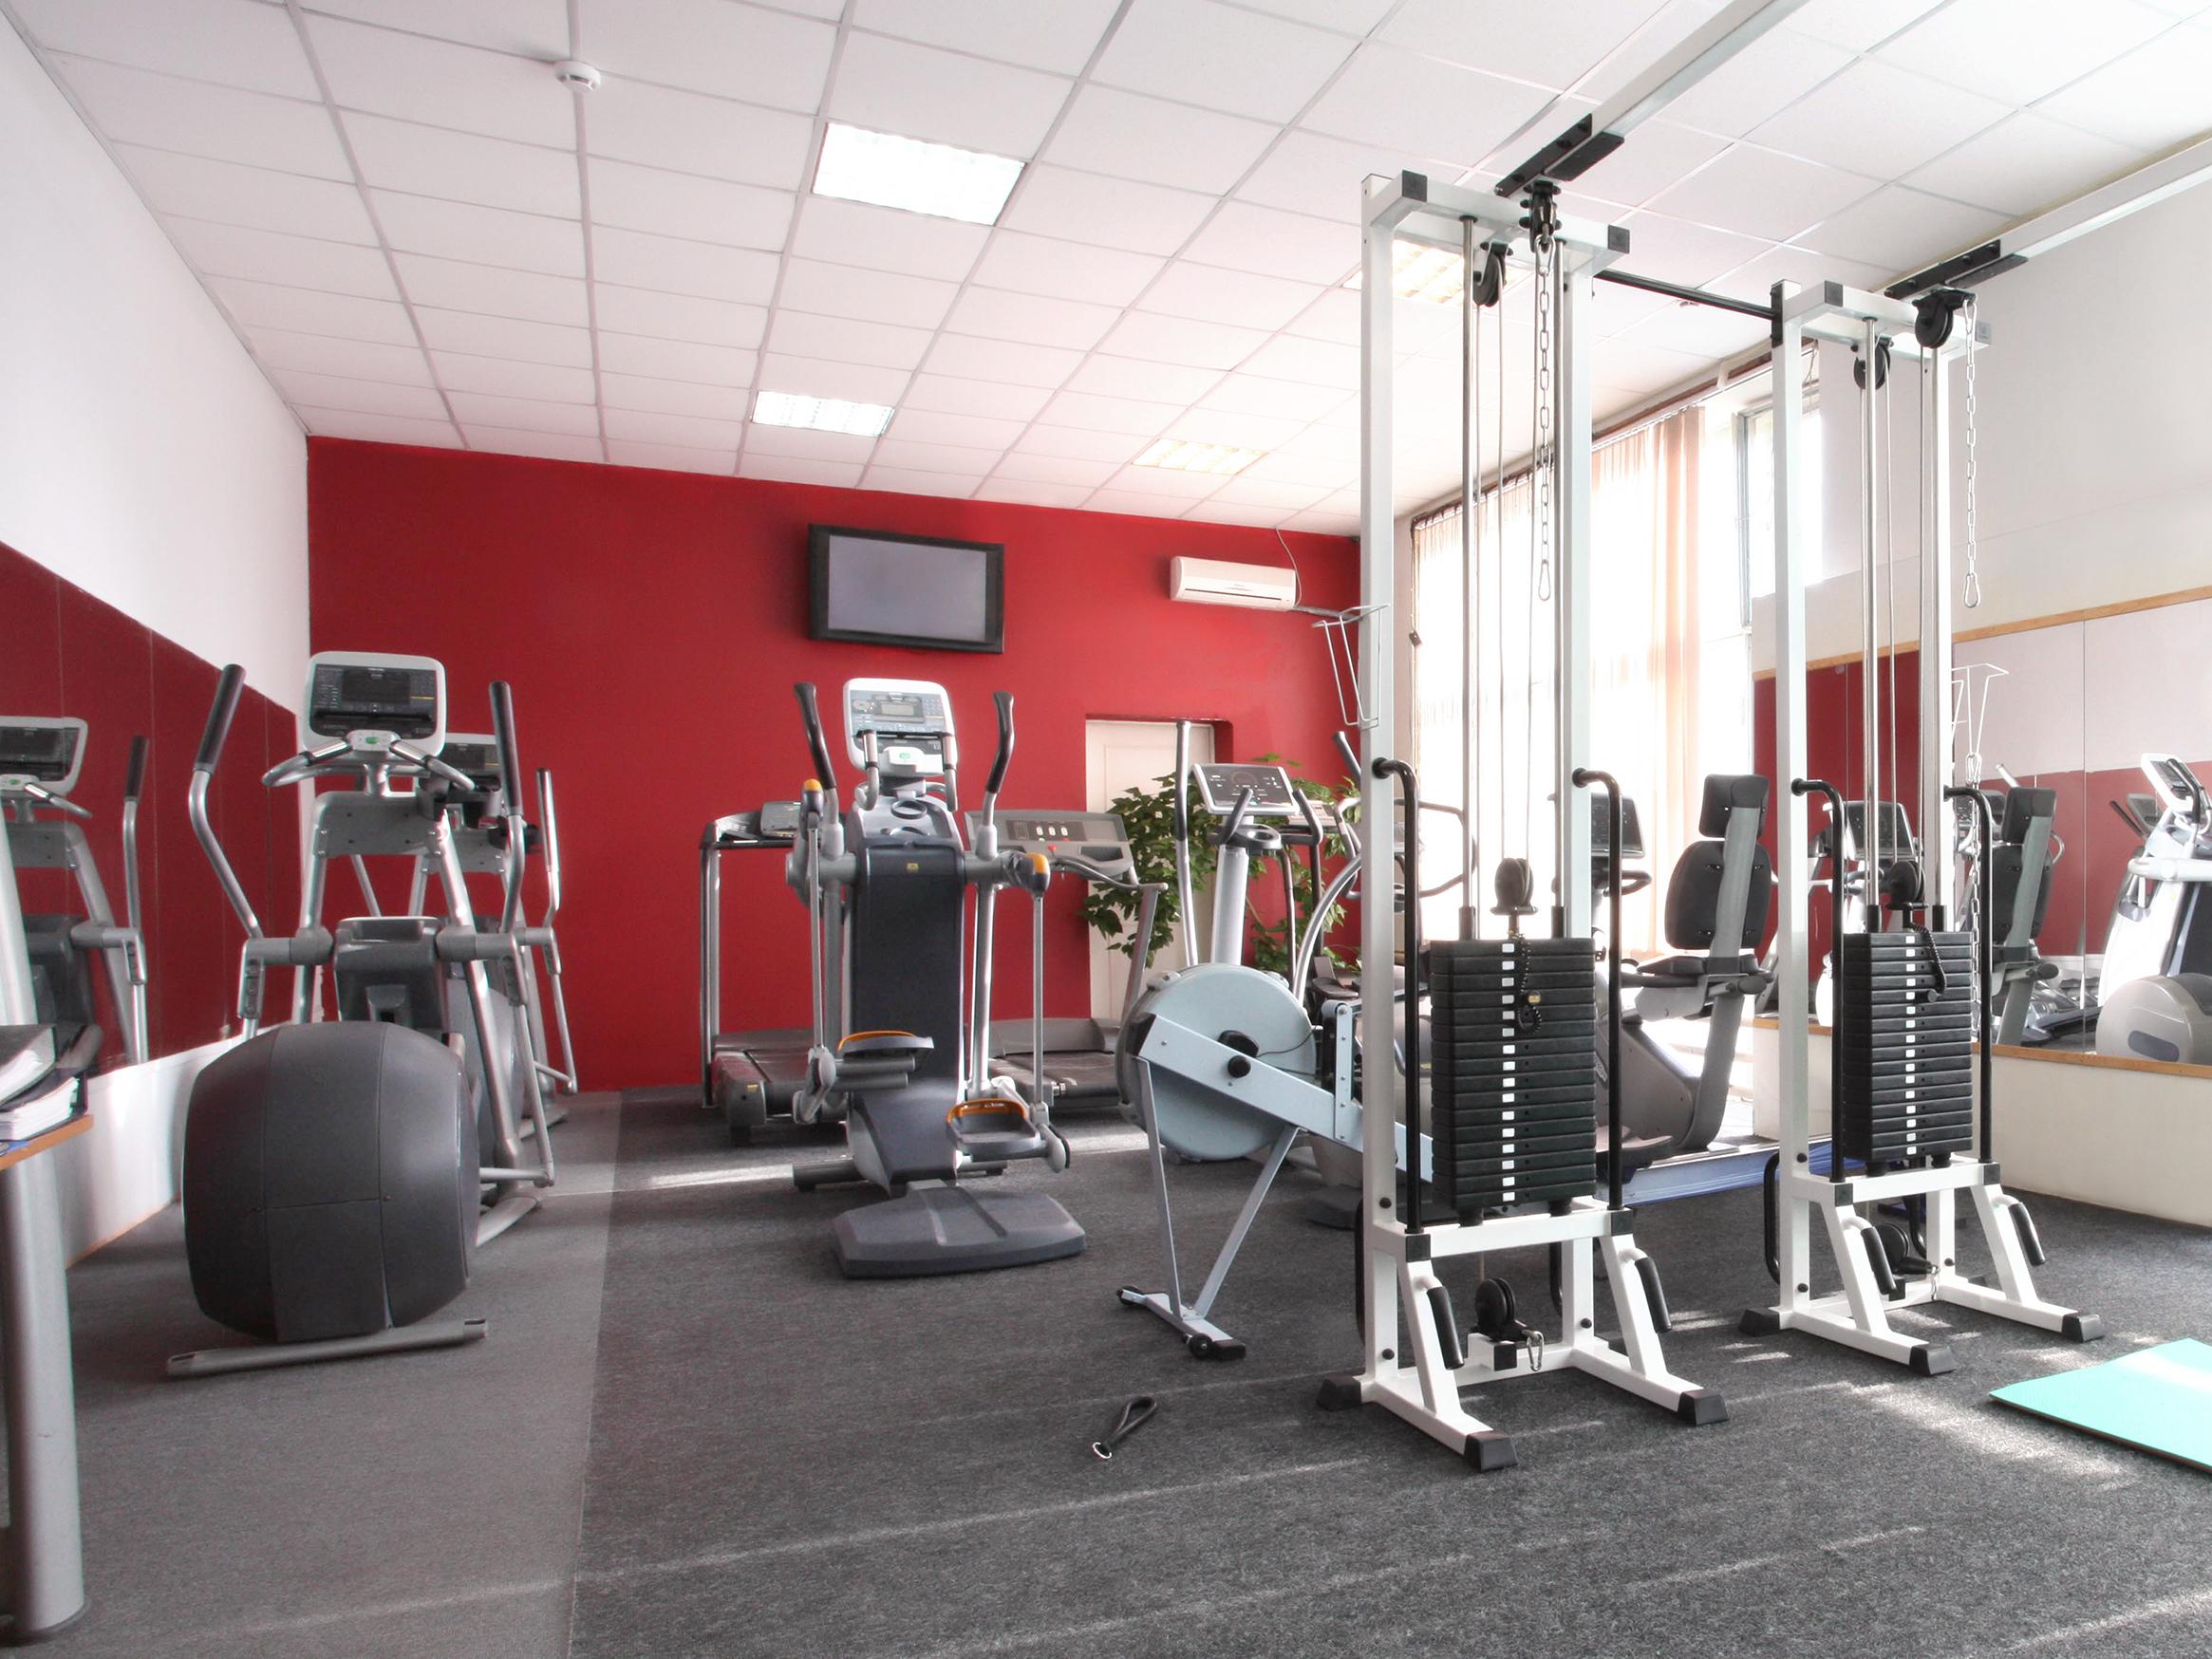 Redan idag sker oanmälda dopingkontroller på de gym som är anslutna till Riksidrottsförbundet.